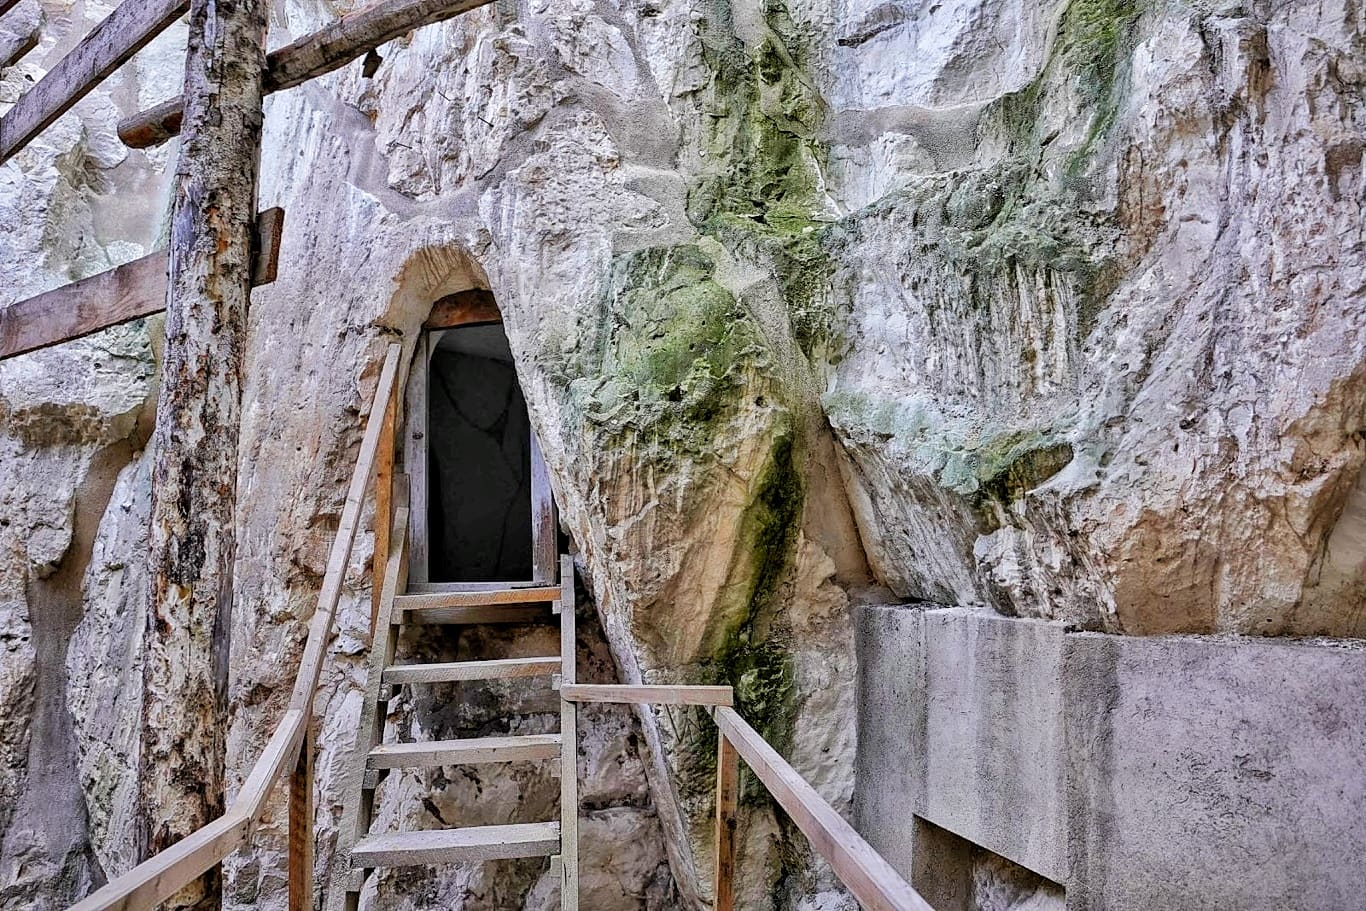 Bisericile din cretă de la Murfatlar, construcția spectaculoasă din Dobrogea, care nu poate fi vizitată